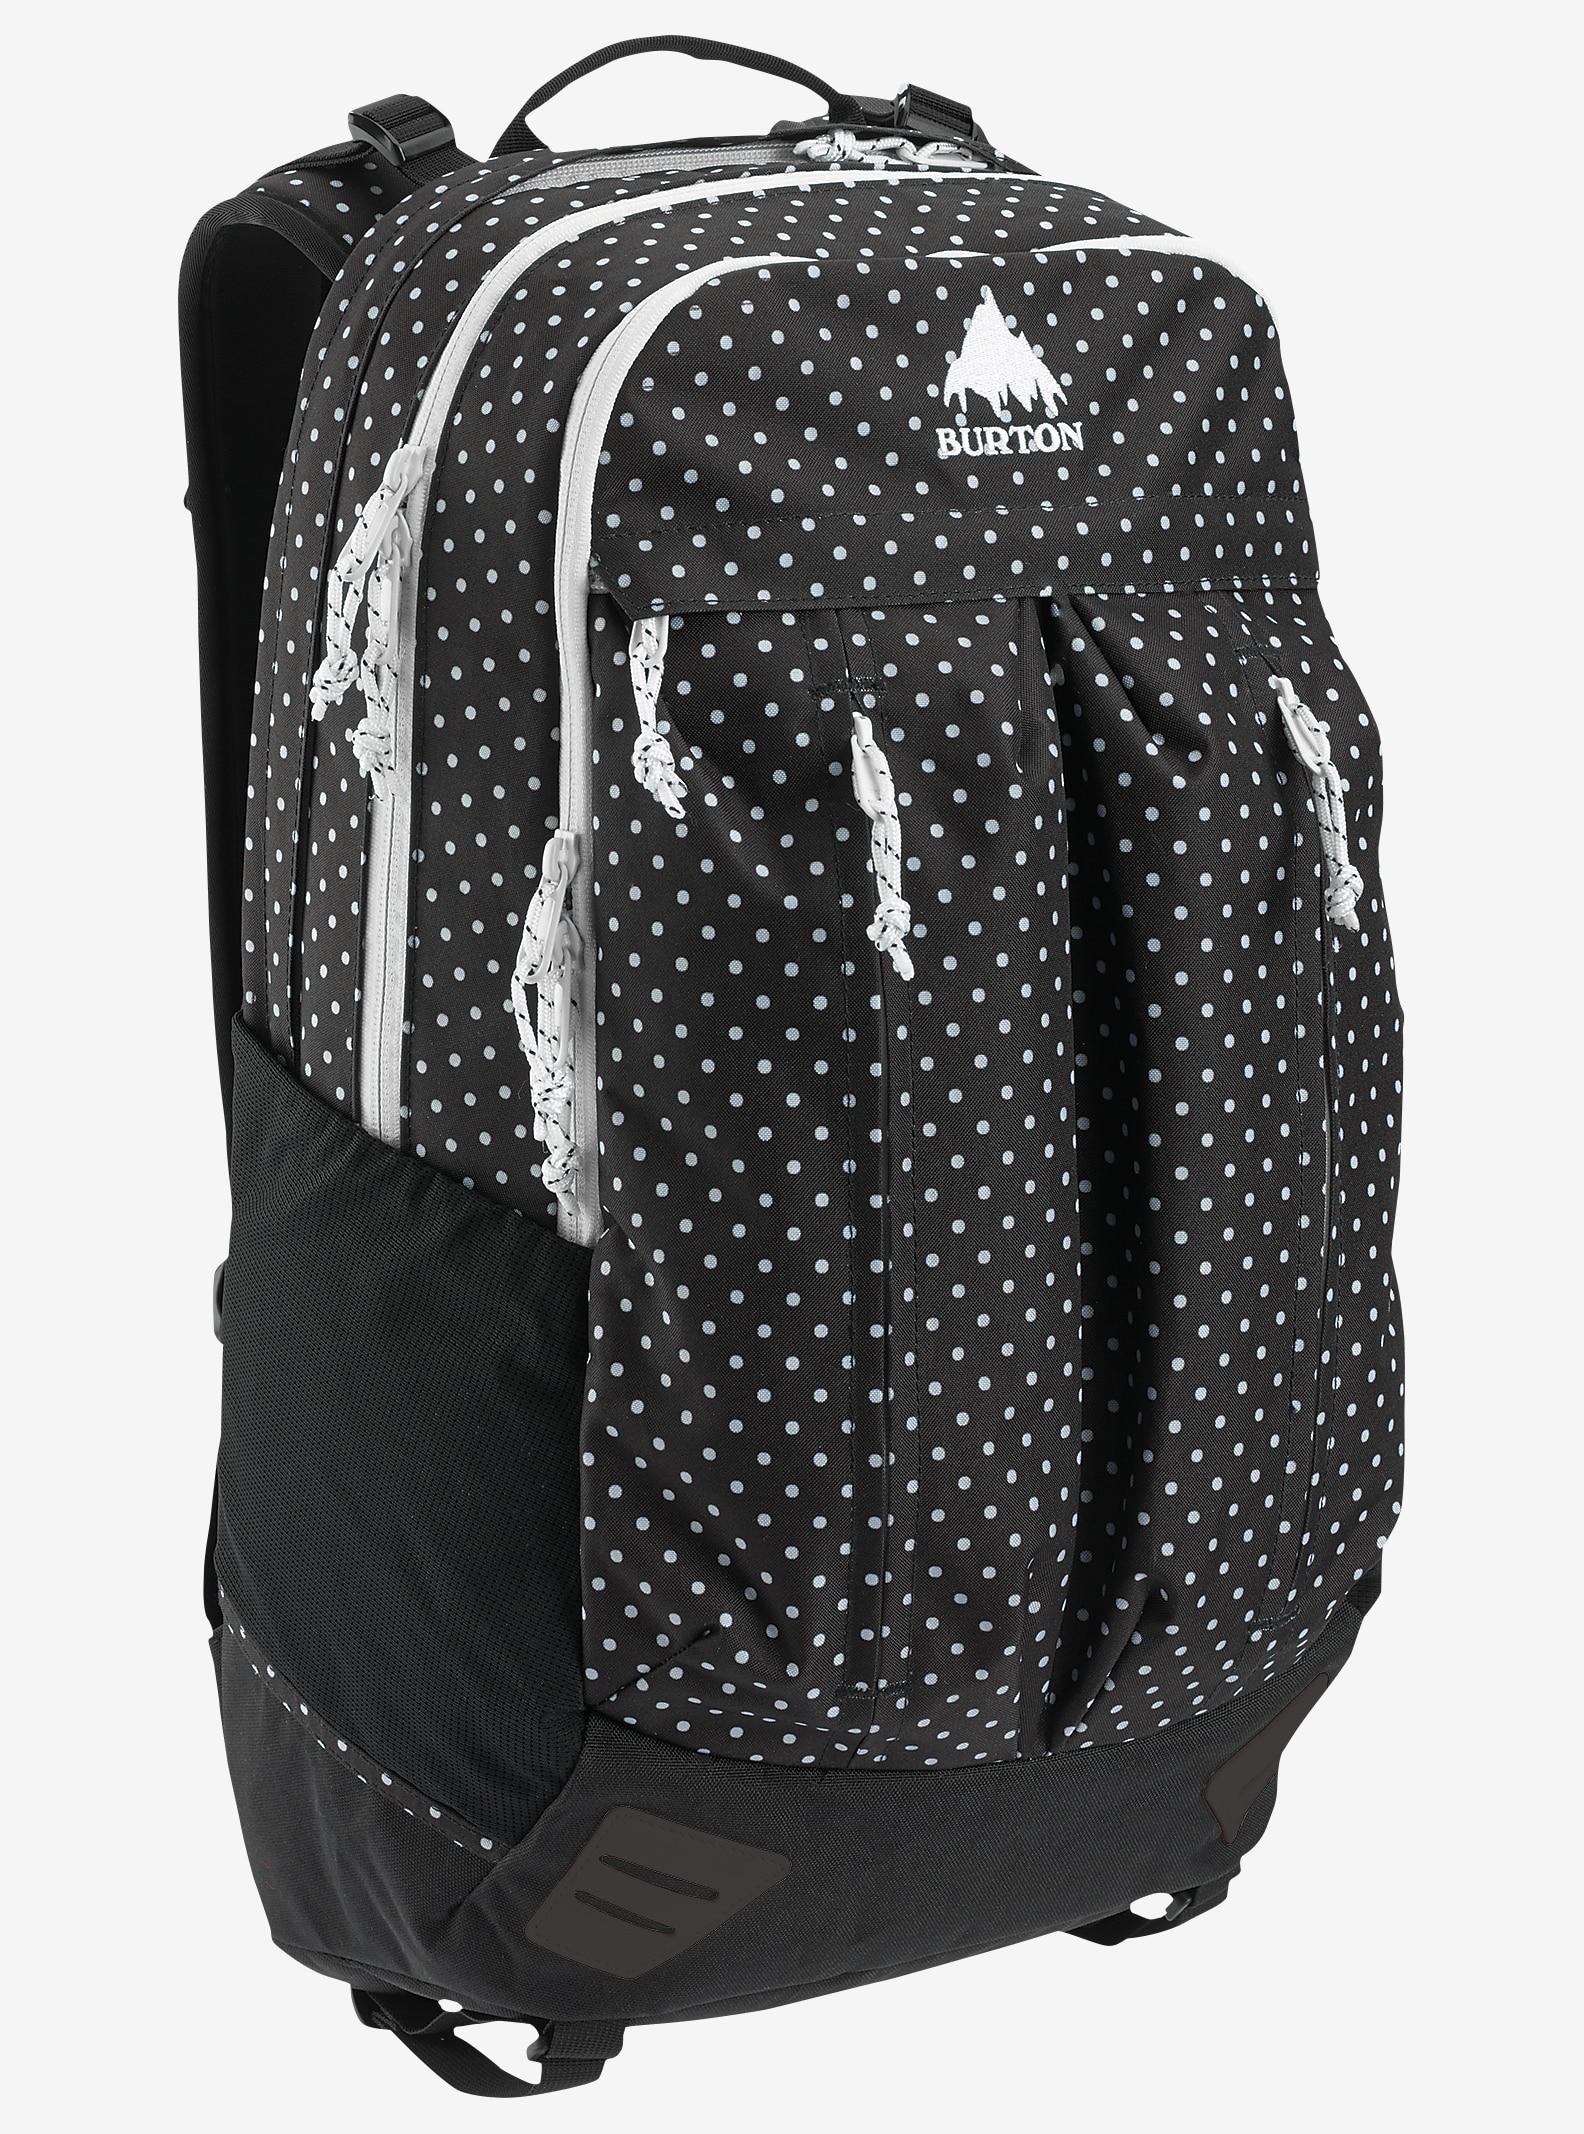 Burton Bravo Backpack shown in Black Polka Dot